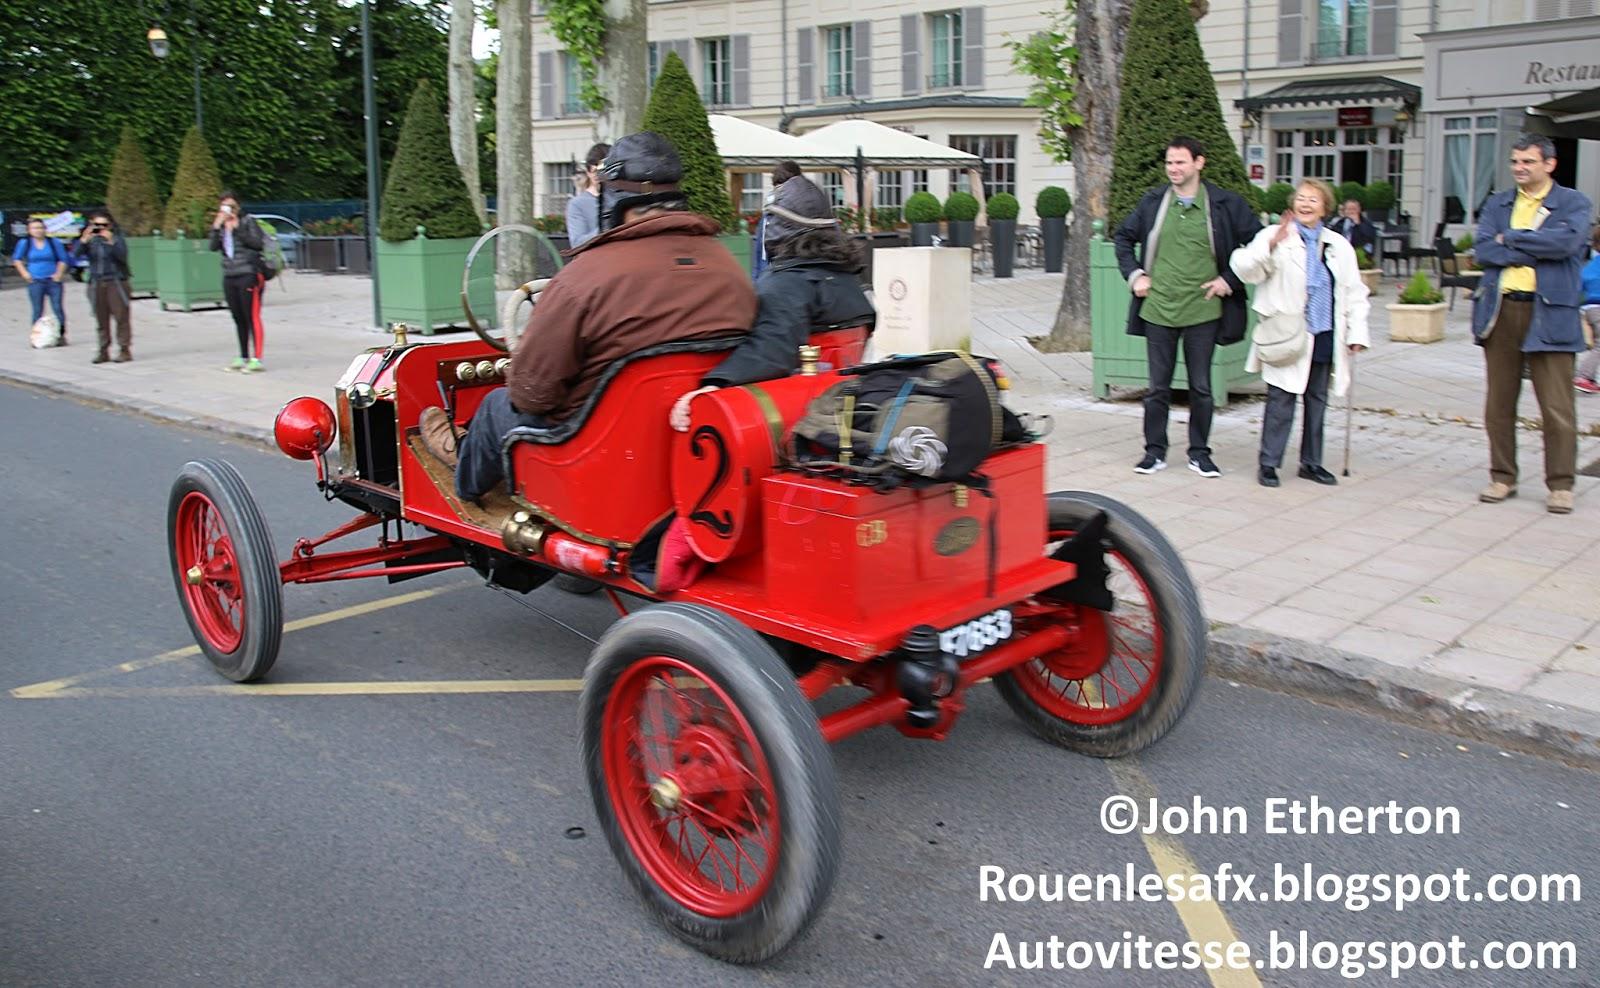 Rouen-les-AFX: Classic Cars